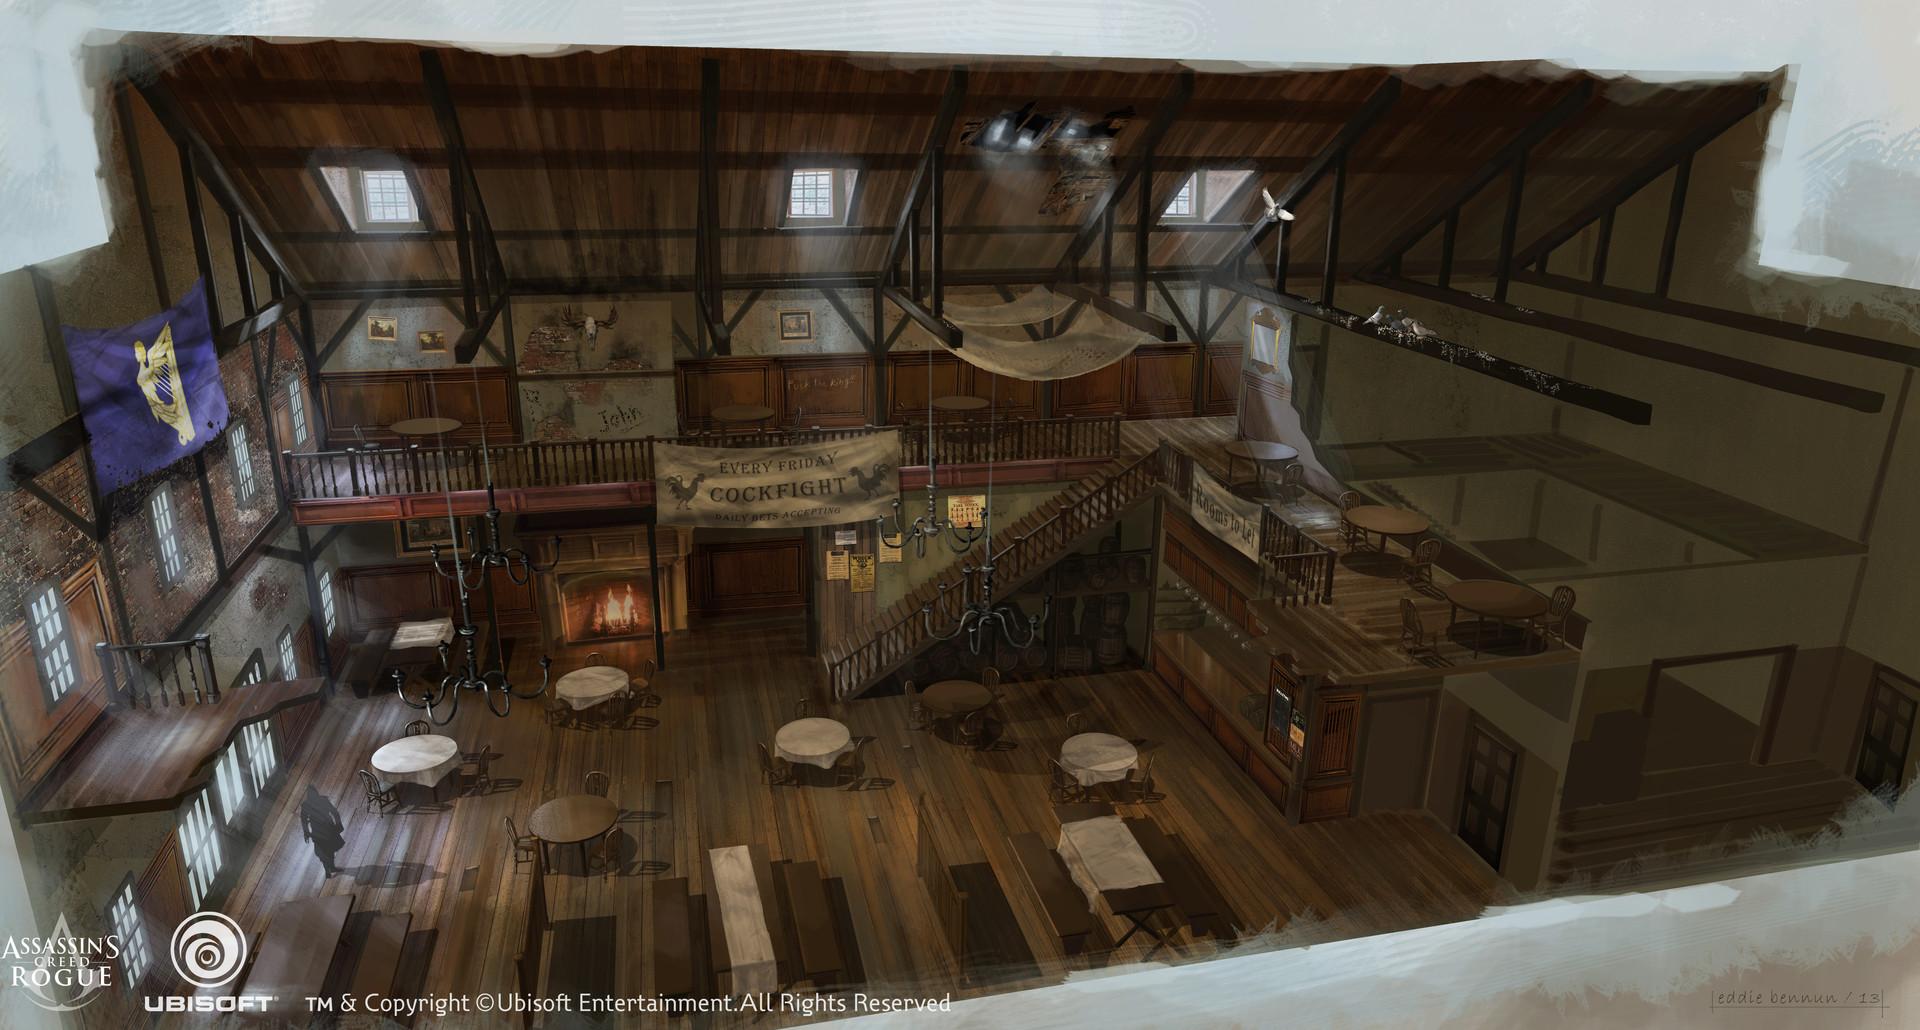 eddie-bennun-acc-env-newyork-tavern-interior-eddiebennun